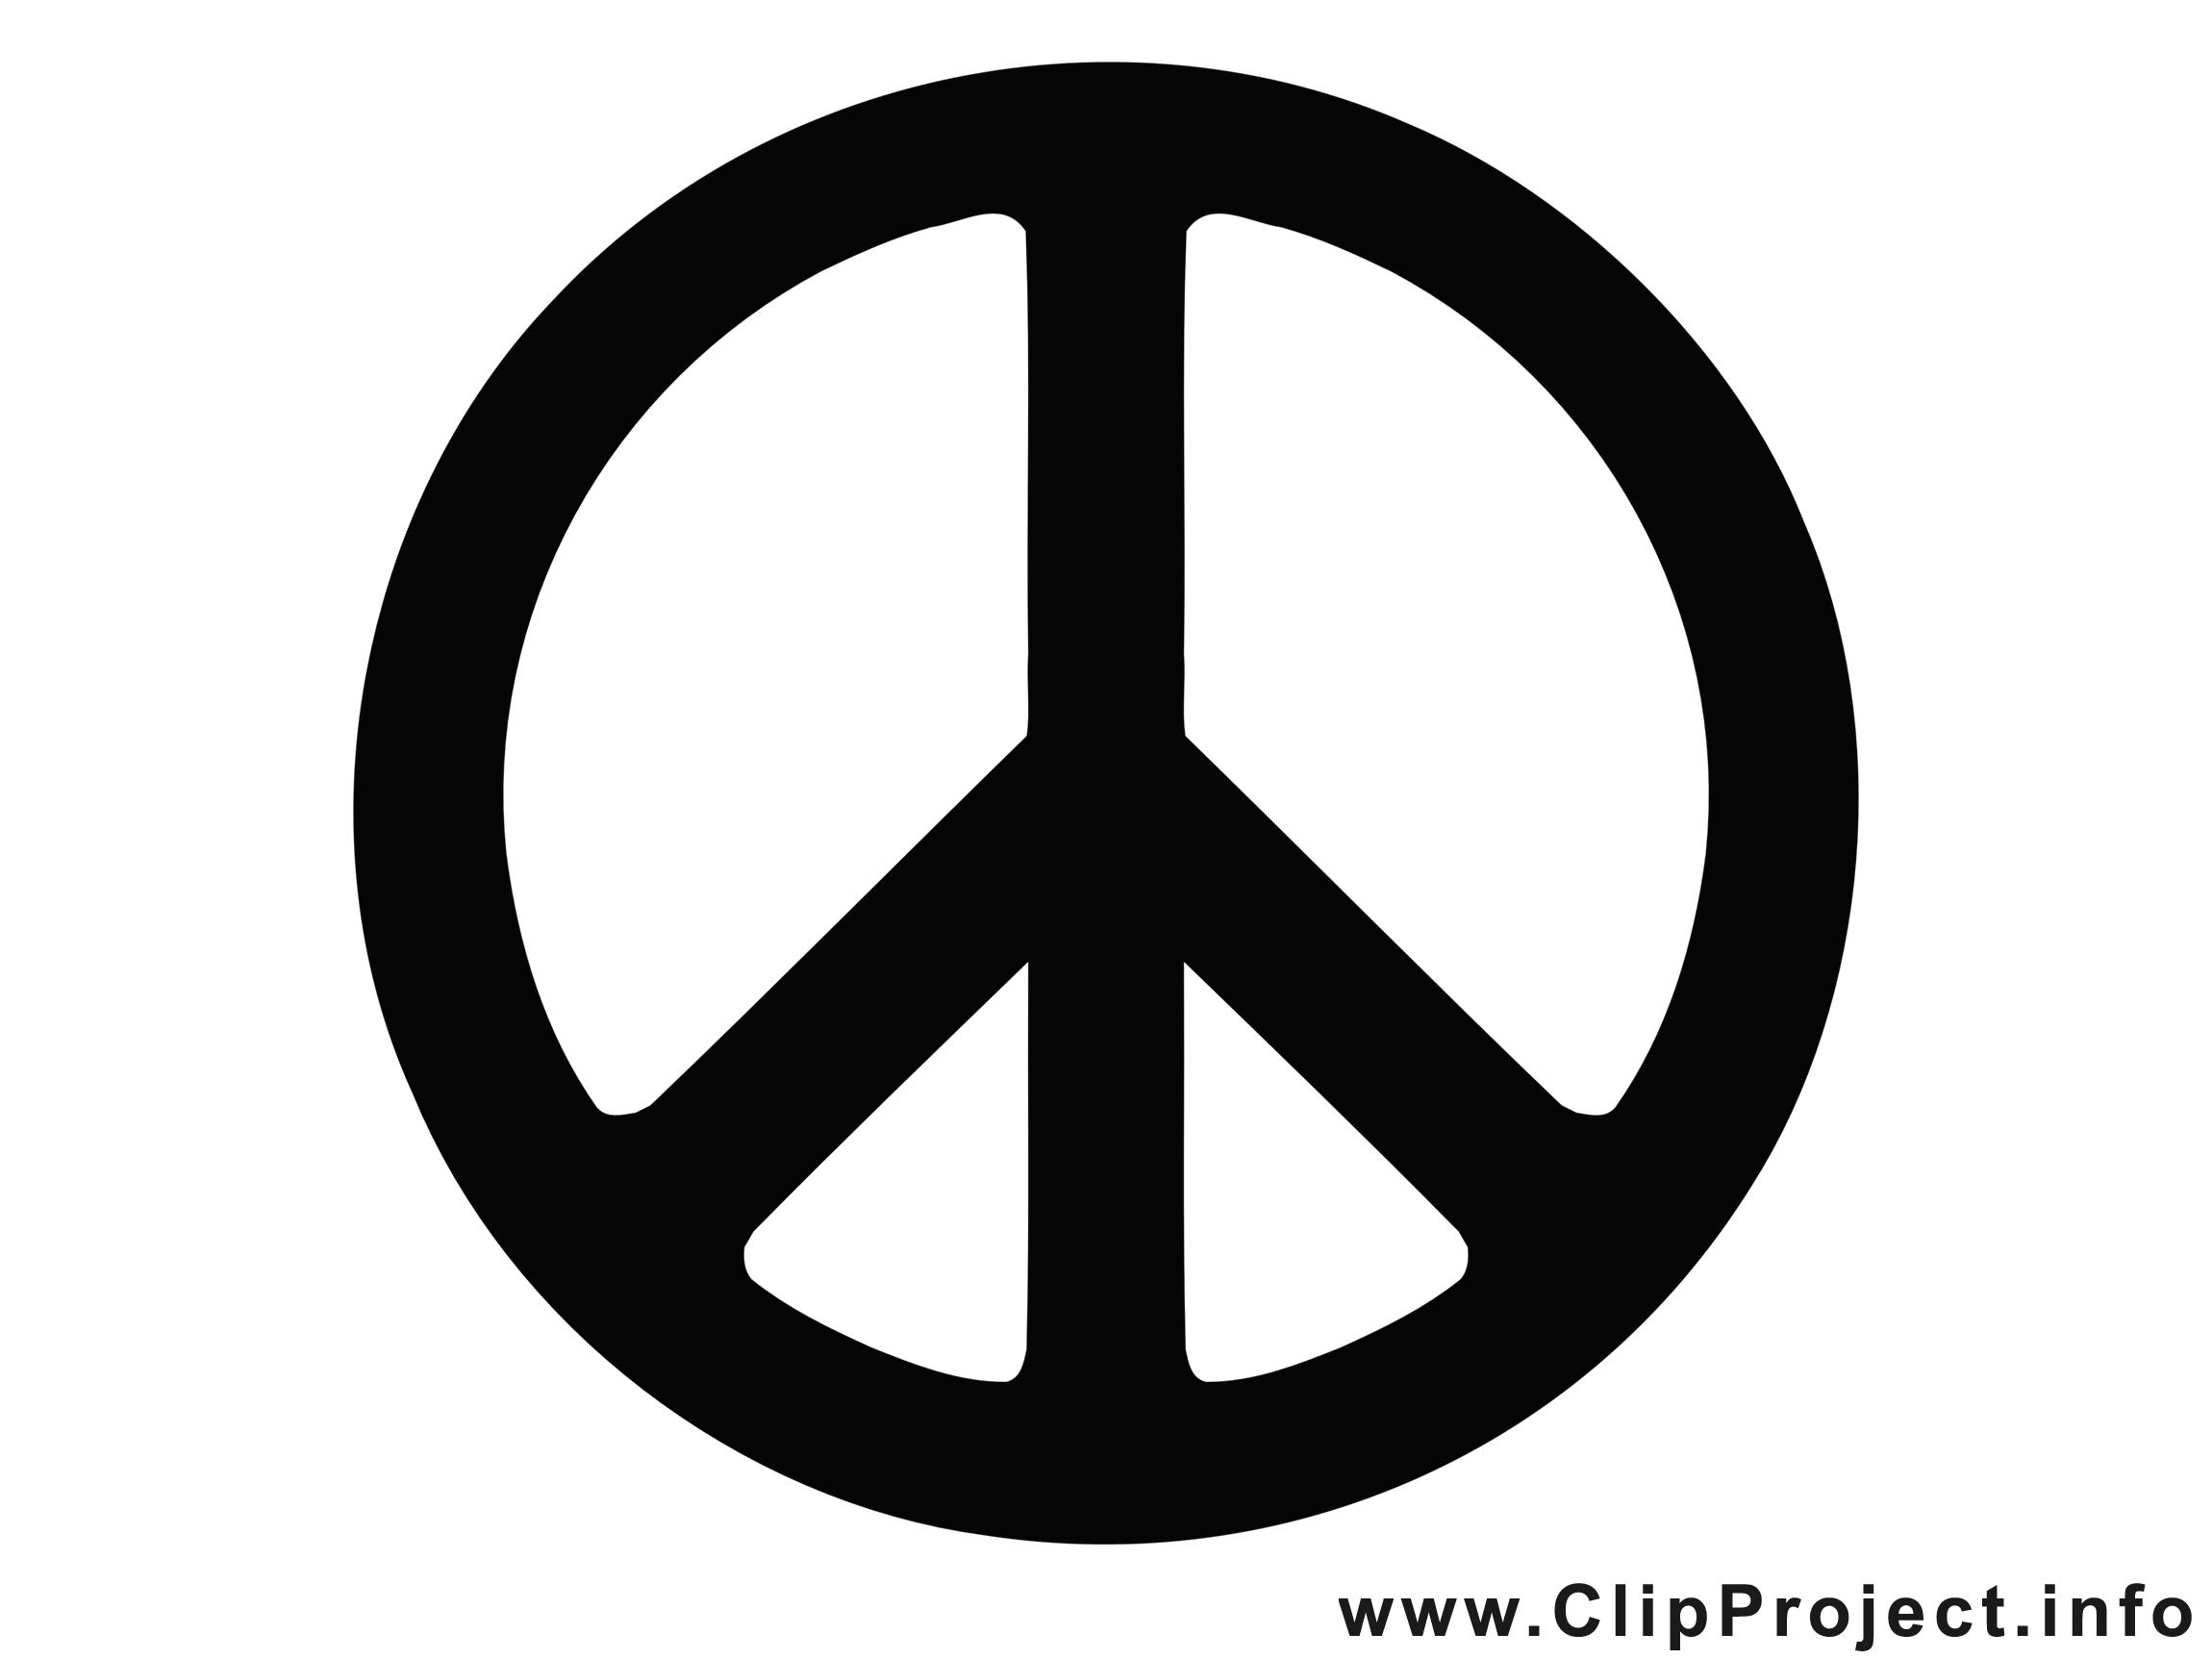 Fantastisch Frieden Malvorlagen Ideen - Malvorlagen Von Tieren ...